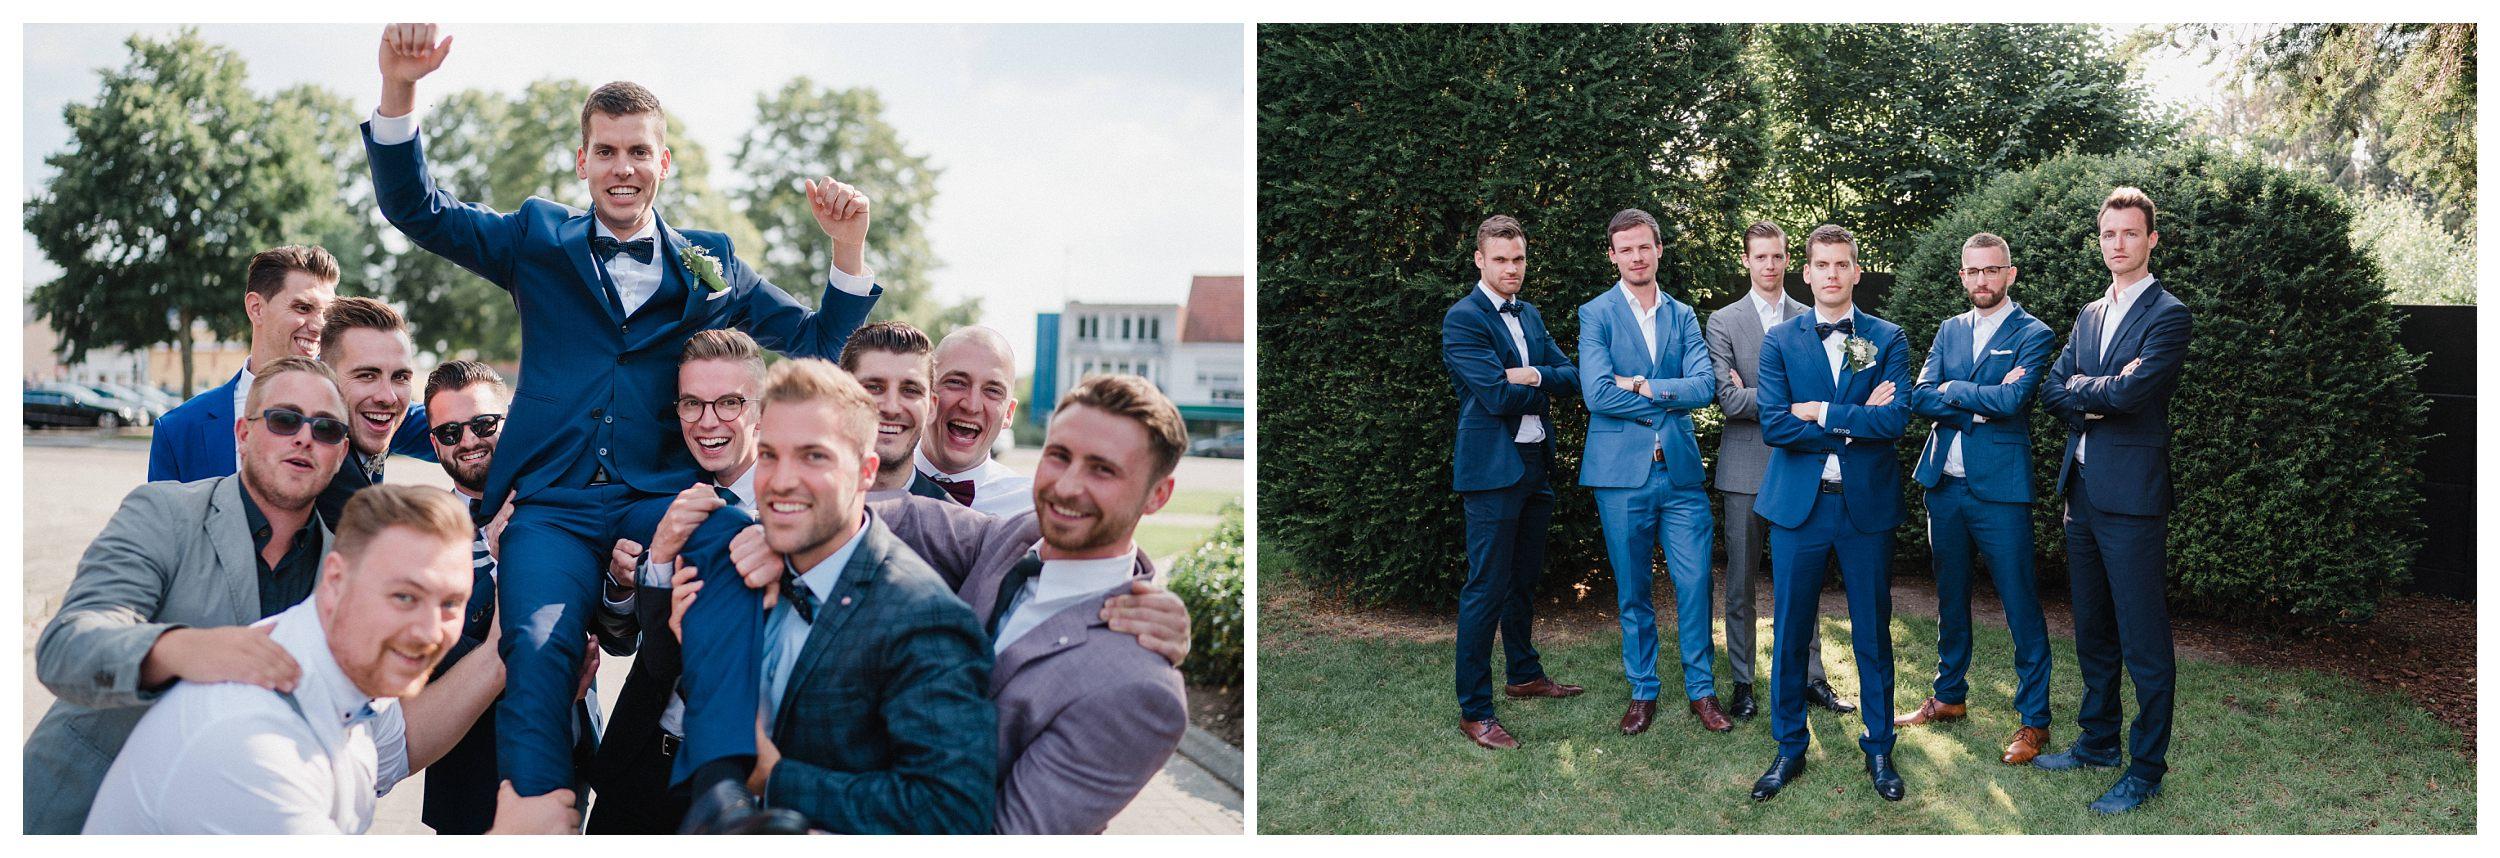 huwelijksfotograaf bruidsfotograaf destinationwedding huwelijksfotografie in mol oostham (54).jpg